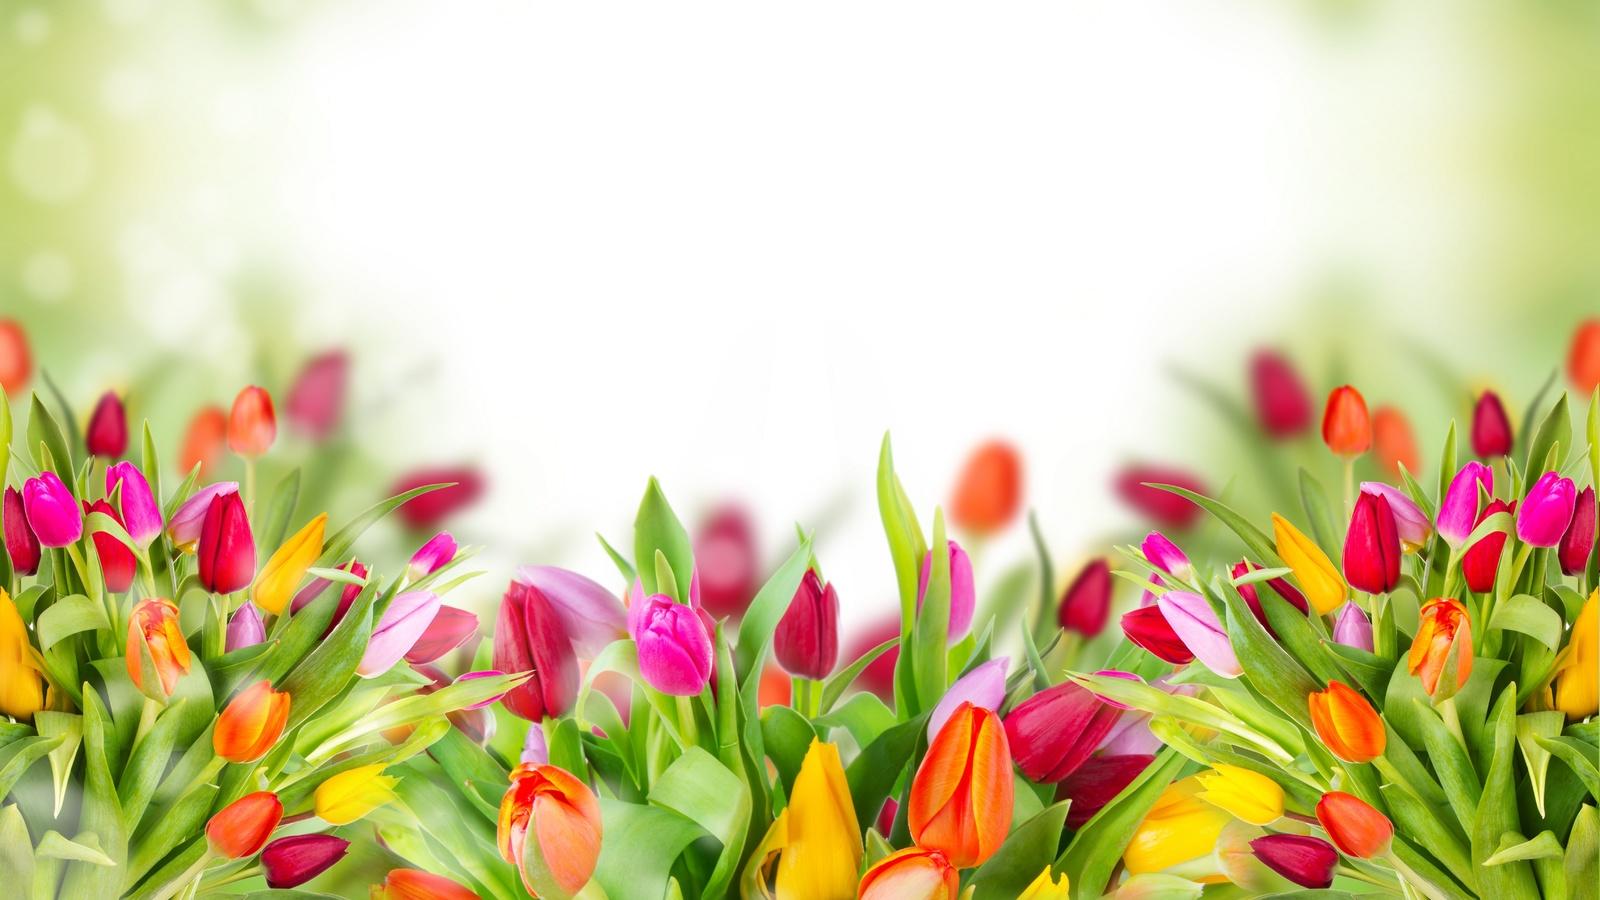 Красивые картинки с цветами для афиши снуёт